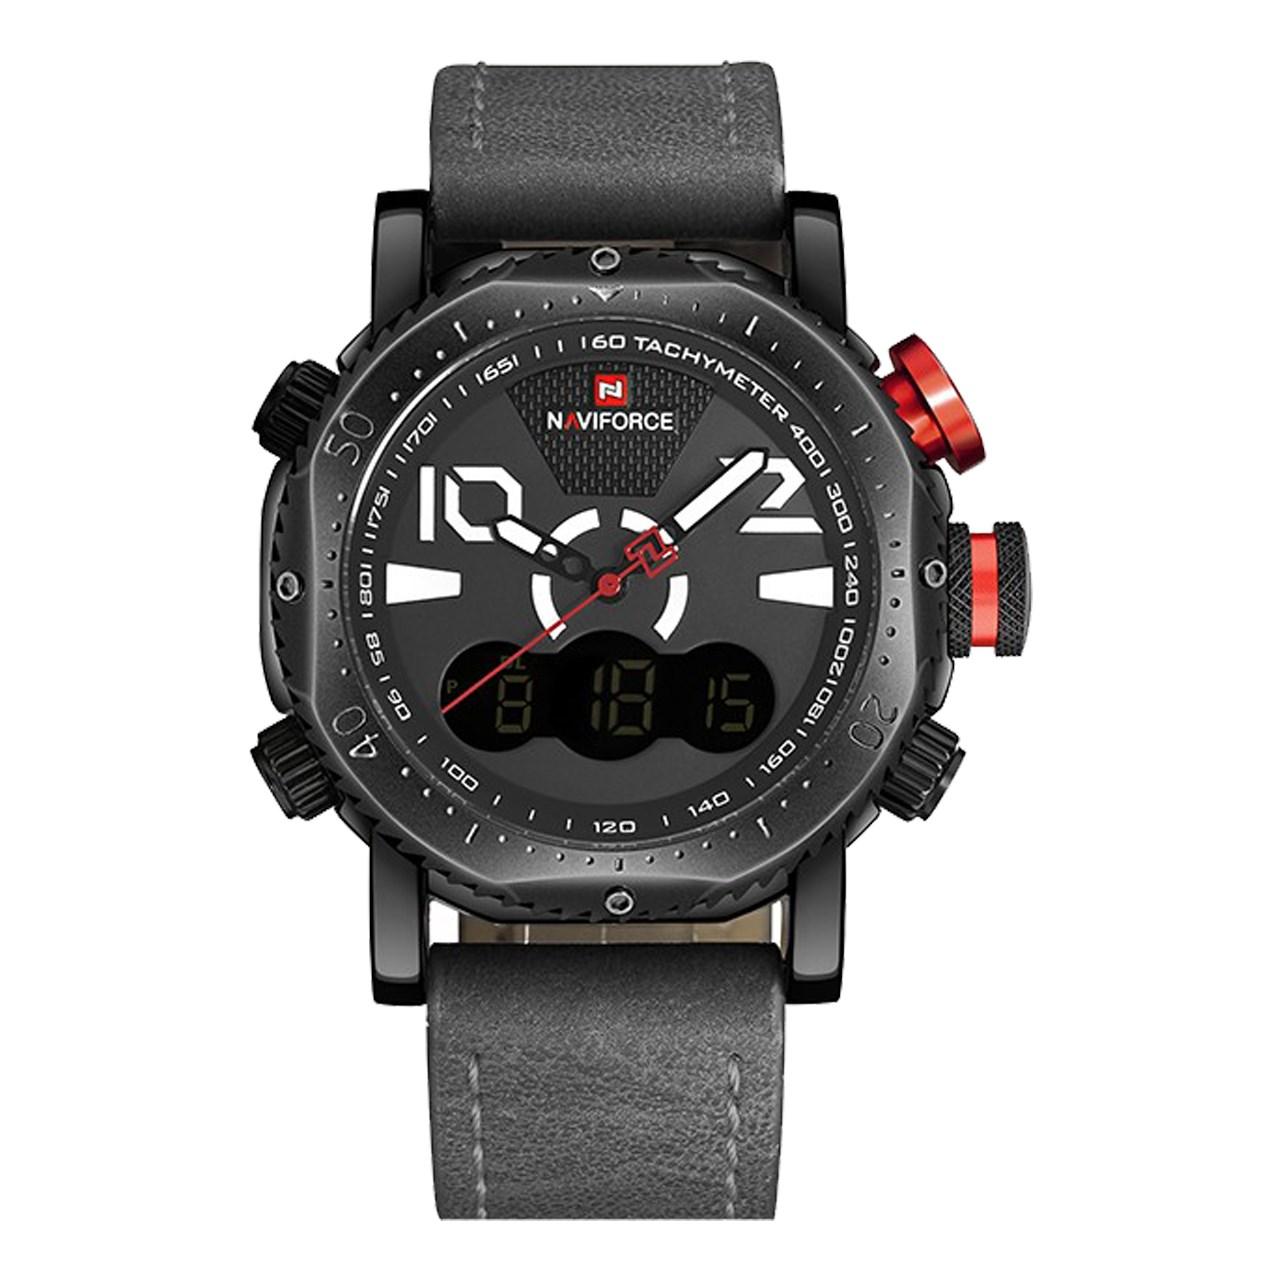 ساعت مچی عقربه ای مردانه نیوی فورس مدل NF9094M/GBW